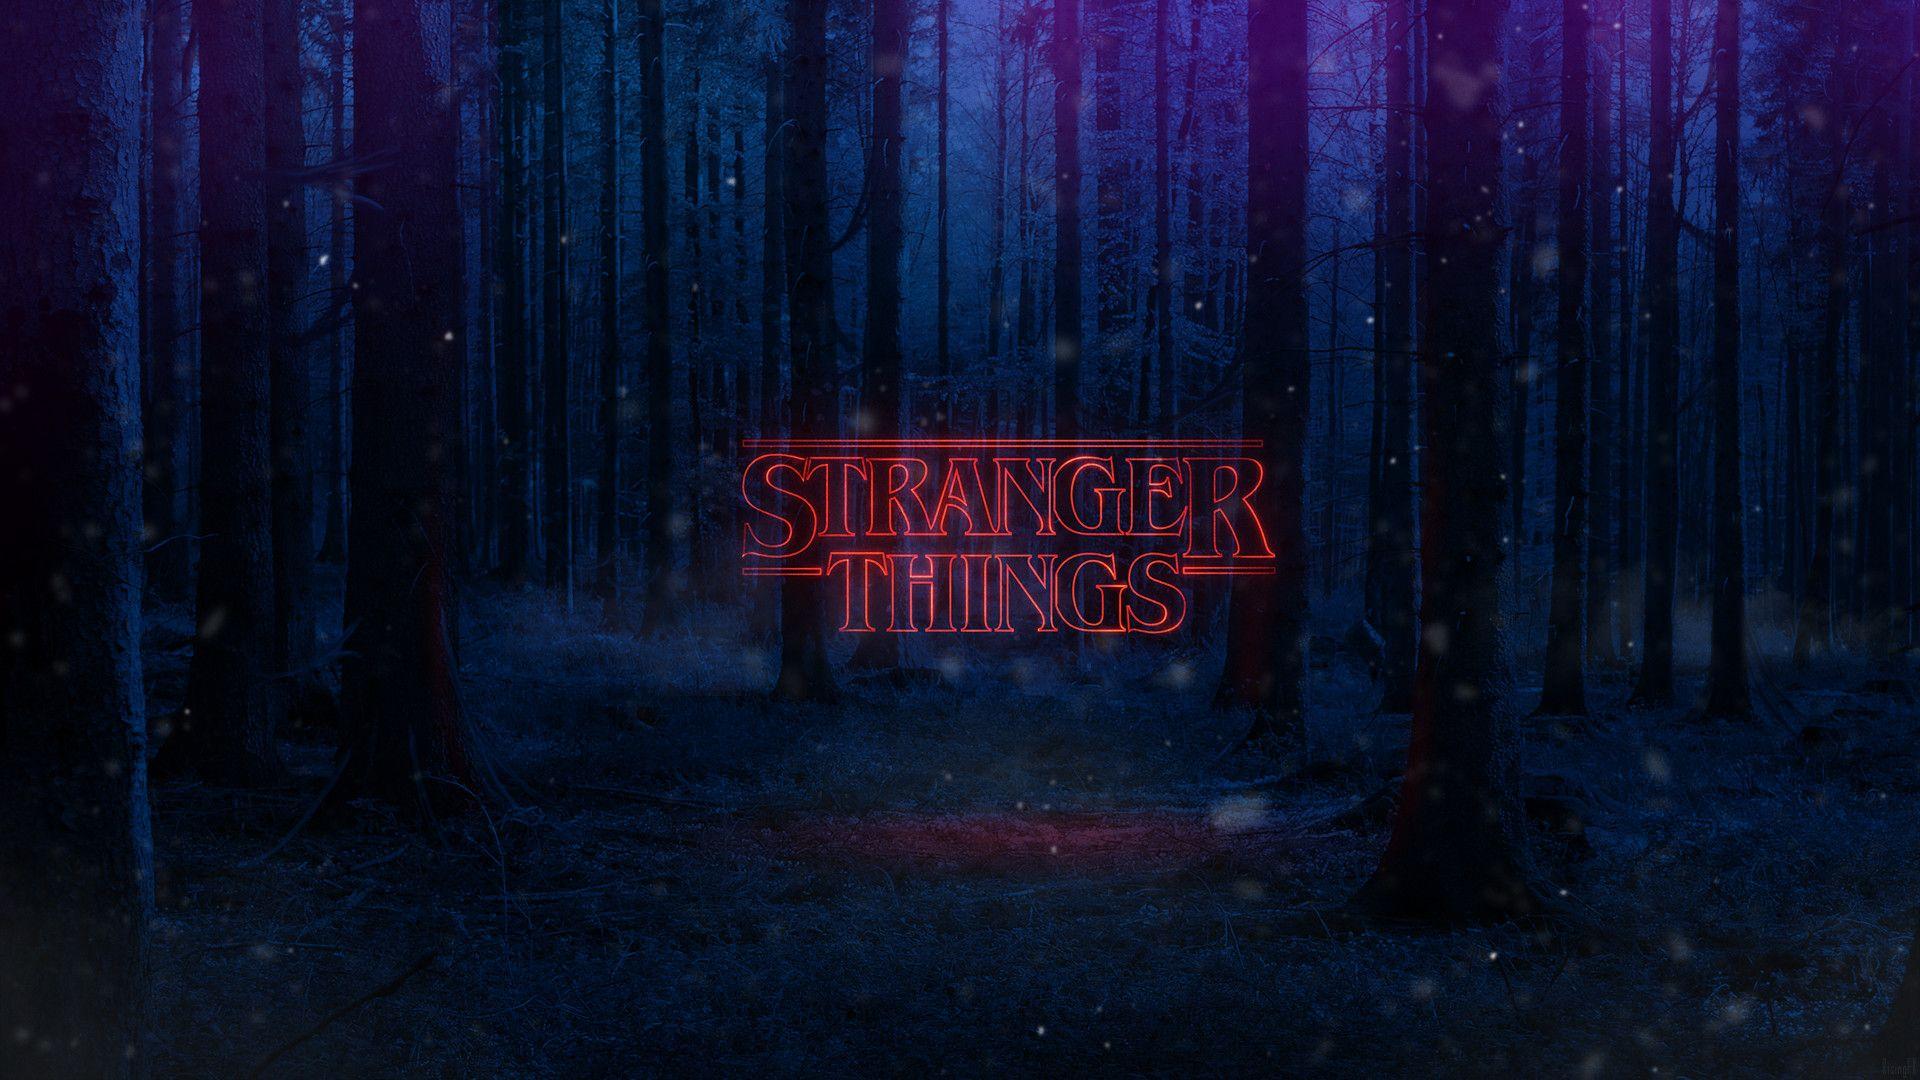 Stranger Things Aesthetic 4K Wallpapers   Top Stranger Things 1920x1080